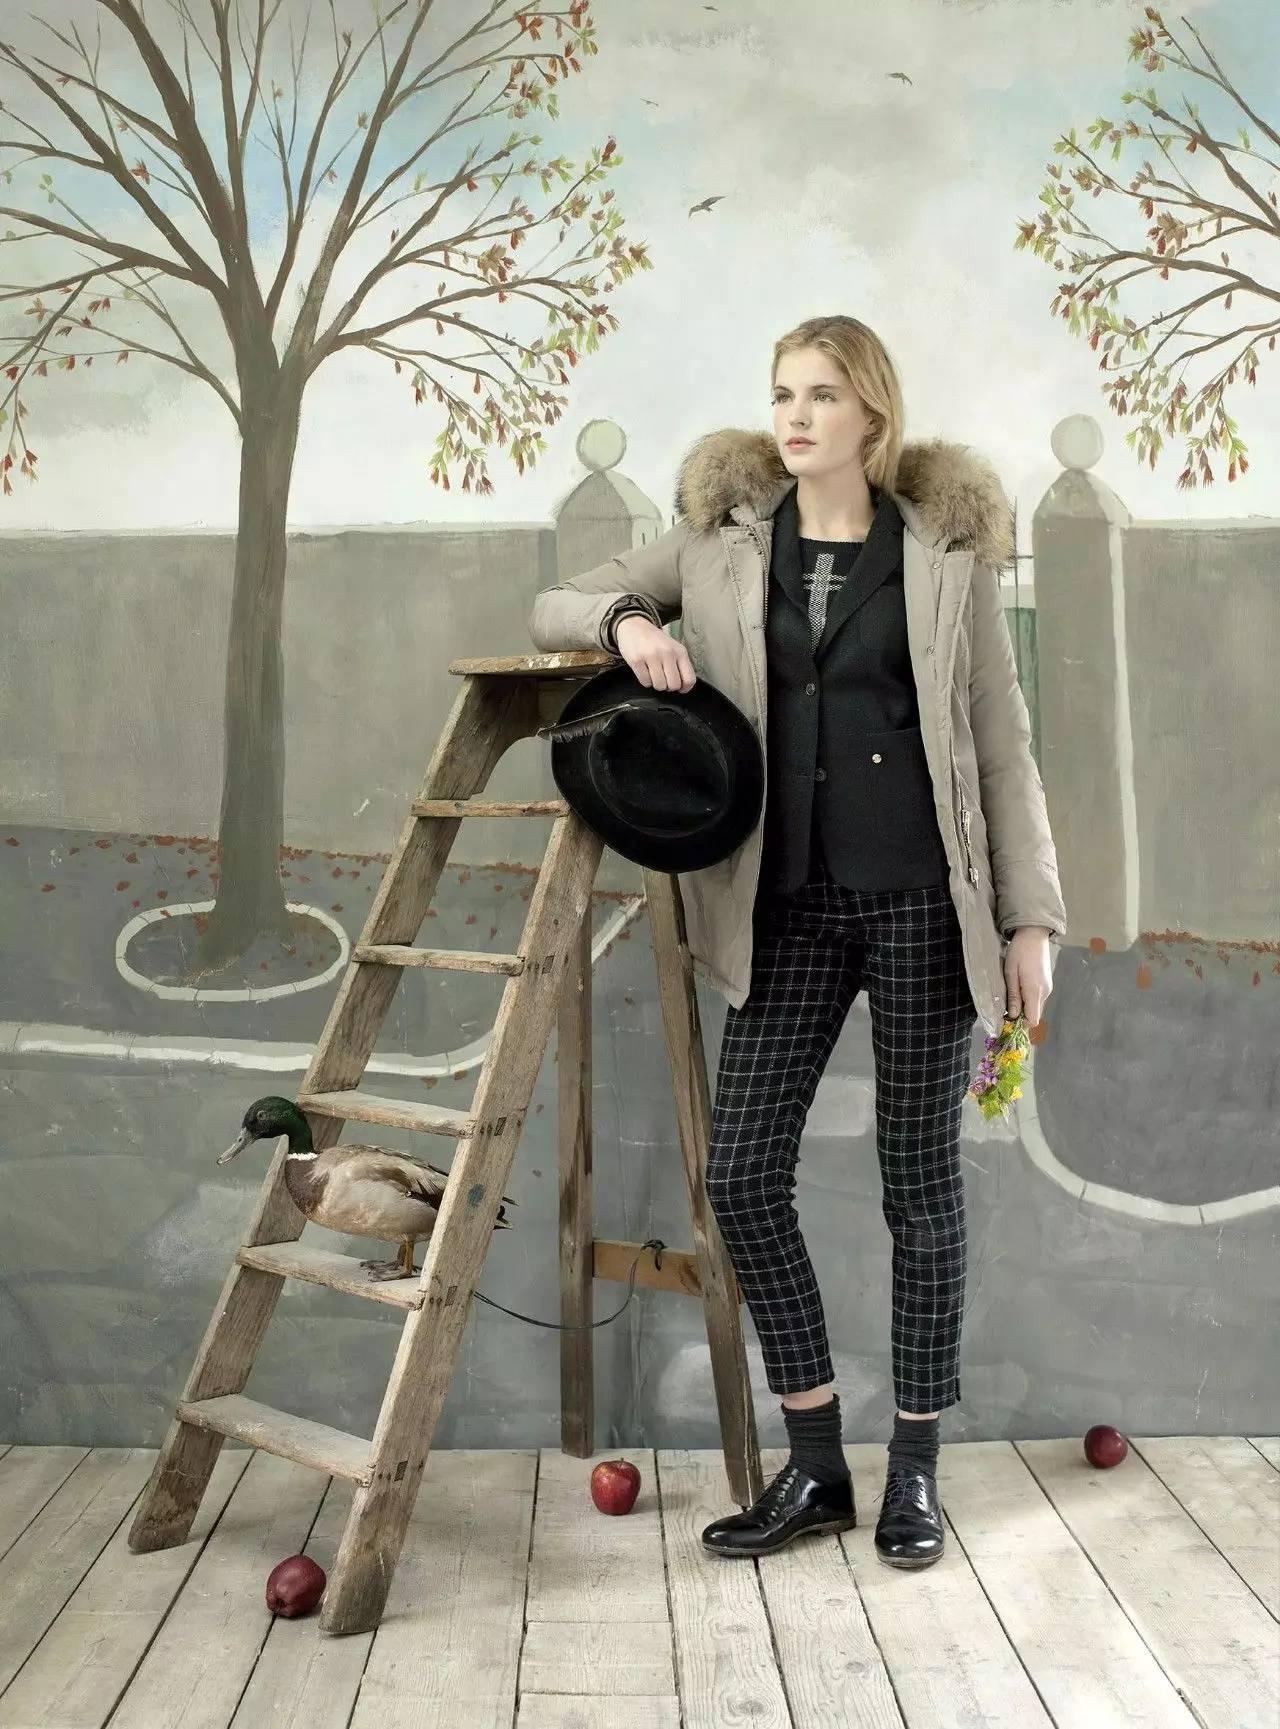 除了加拿大鹅和Moncler,今年冬天还能买这些顶级羽绒服犒赏自己!